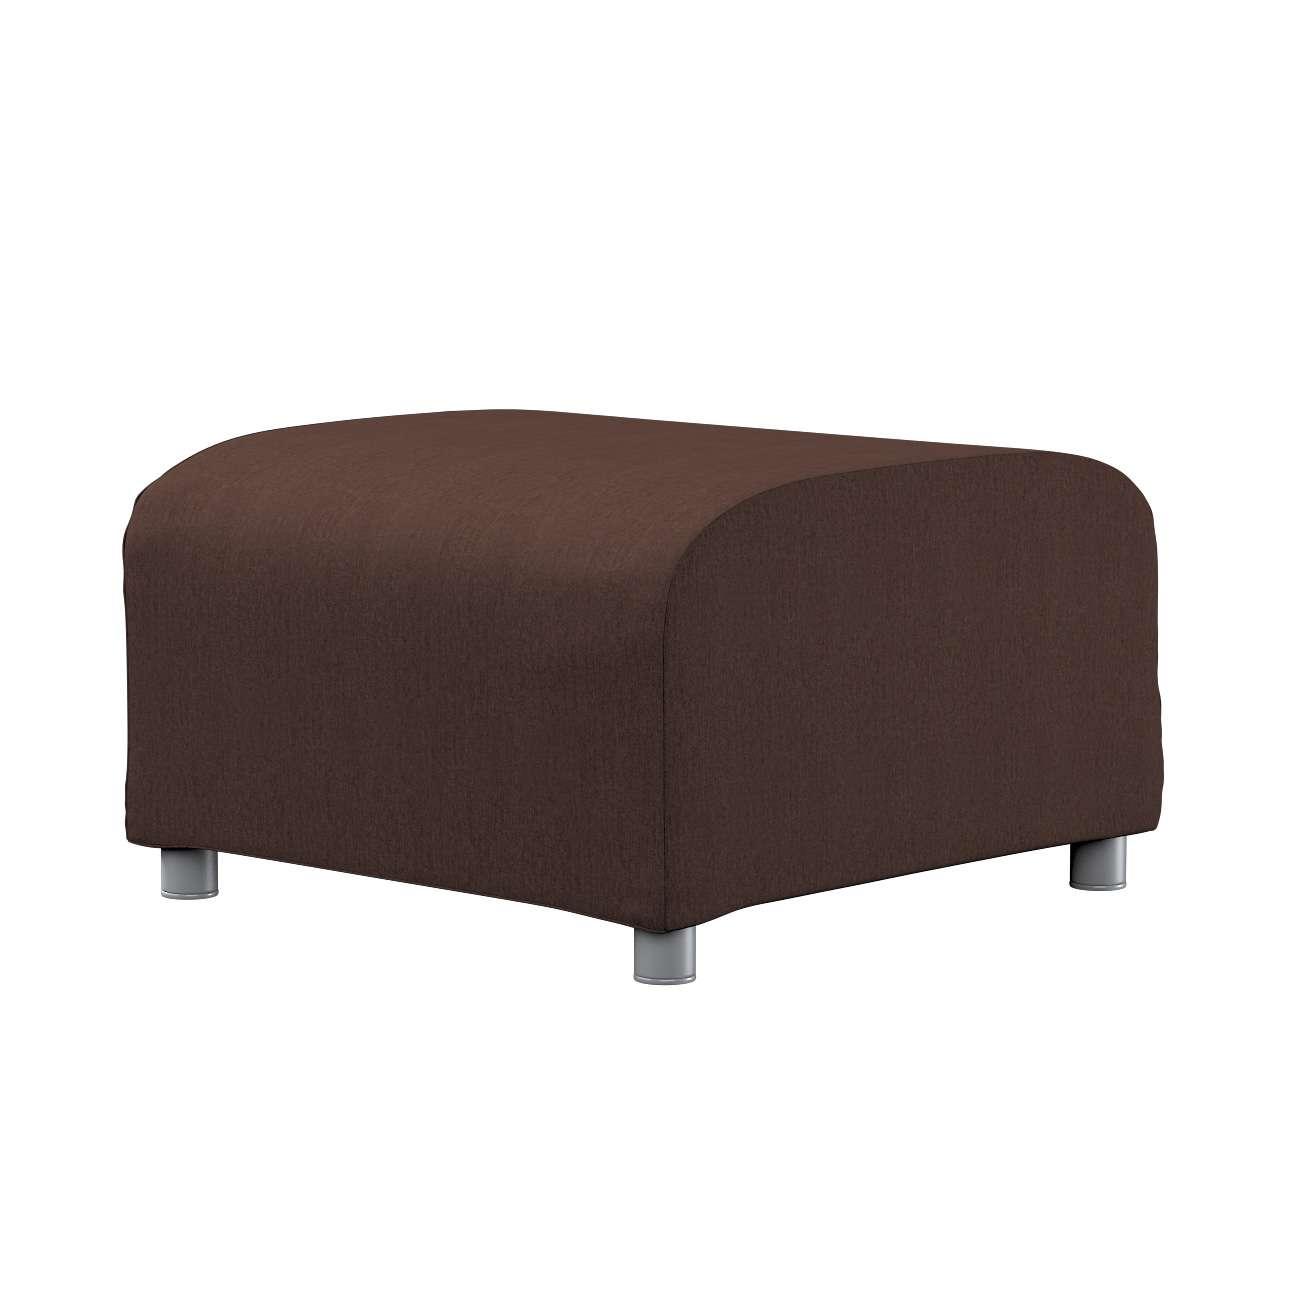 KLIPPAN pufo užvalkalas Klippan footstool cover kolekcijoje Chenille, audinys: 702-18